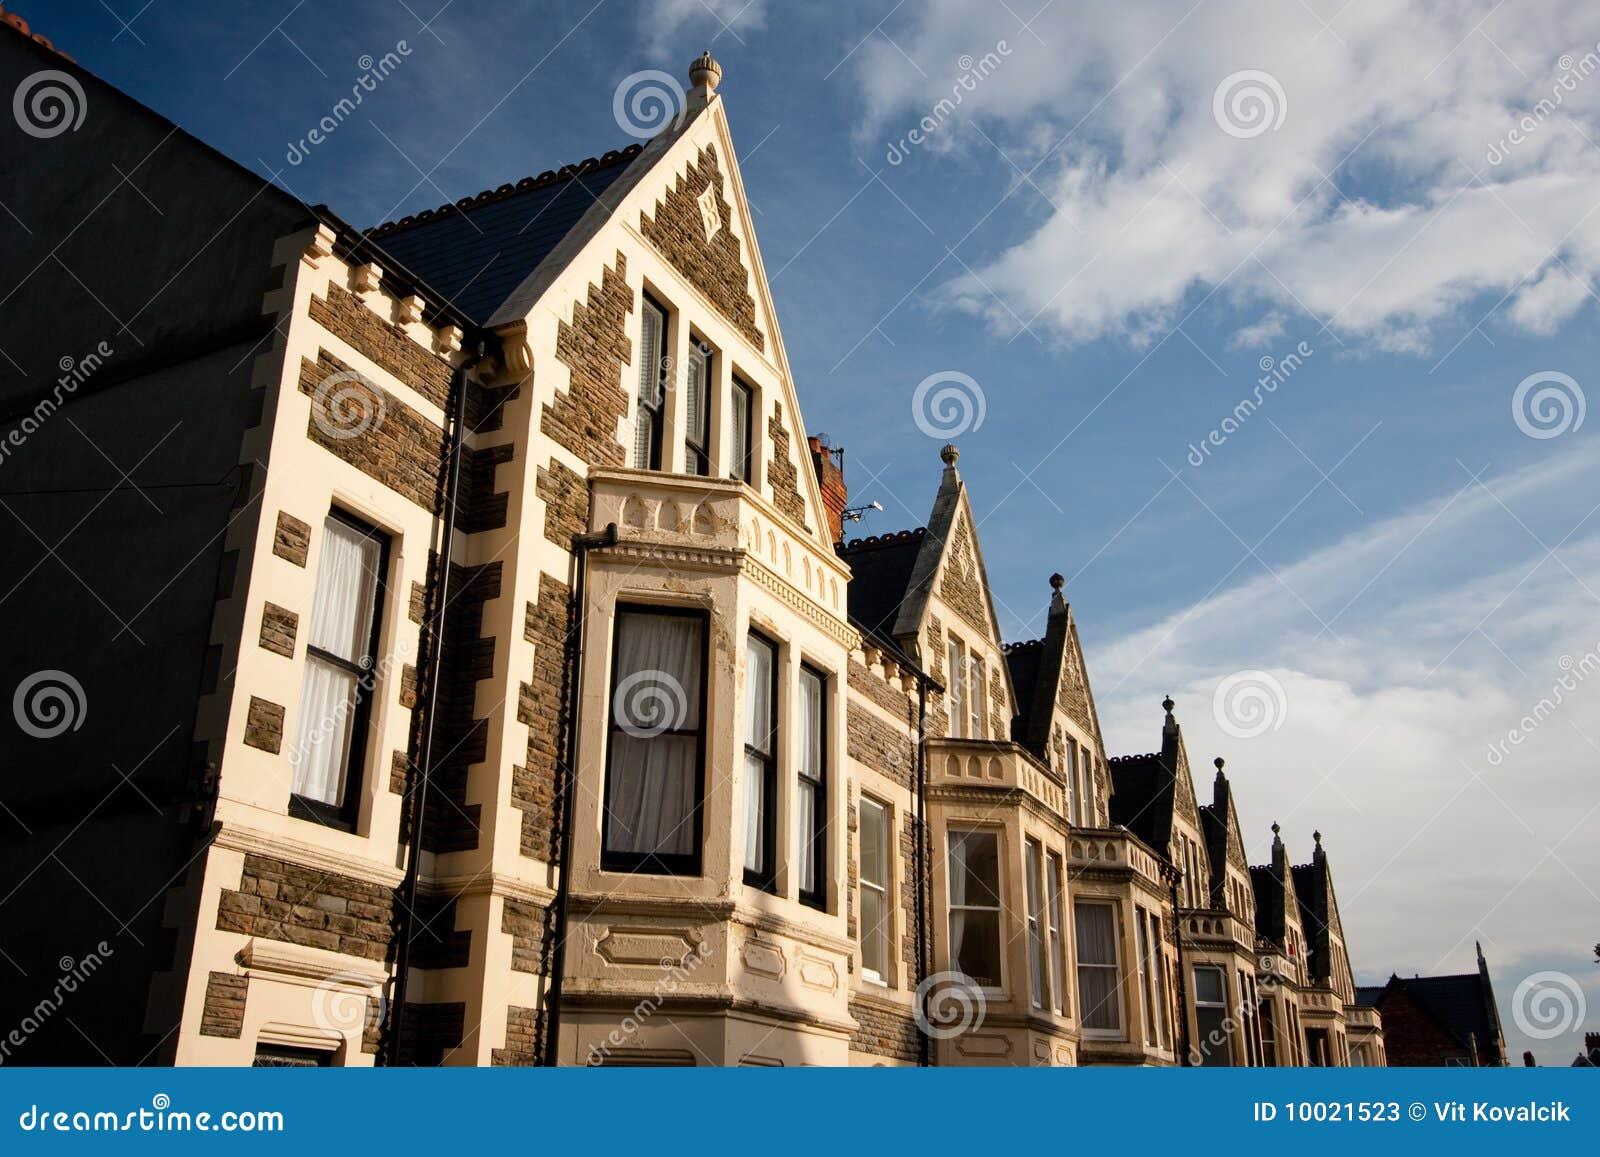 Case inglesi tipiche cielo blu fotografie stock for Case inglesi foto